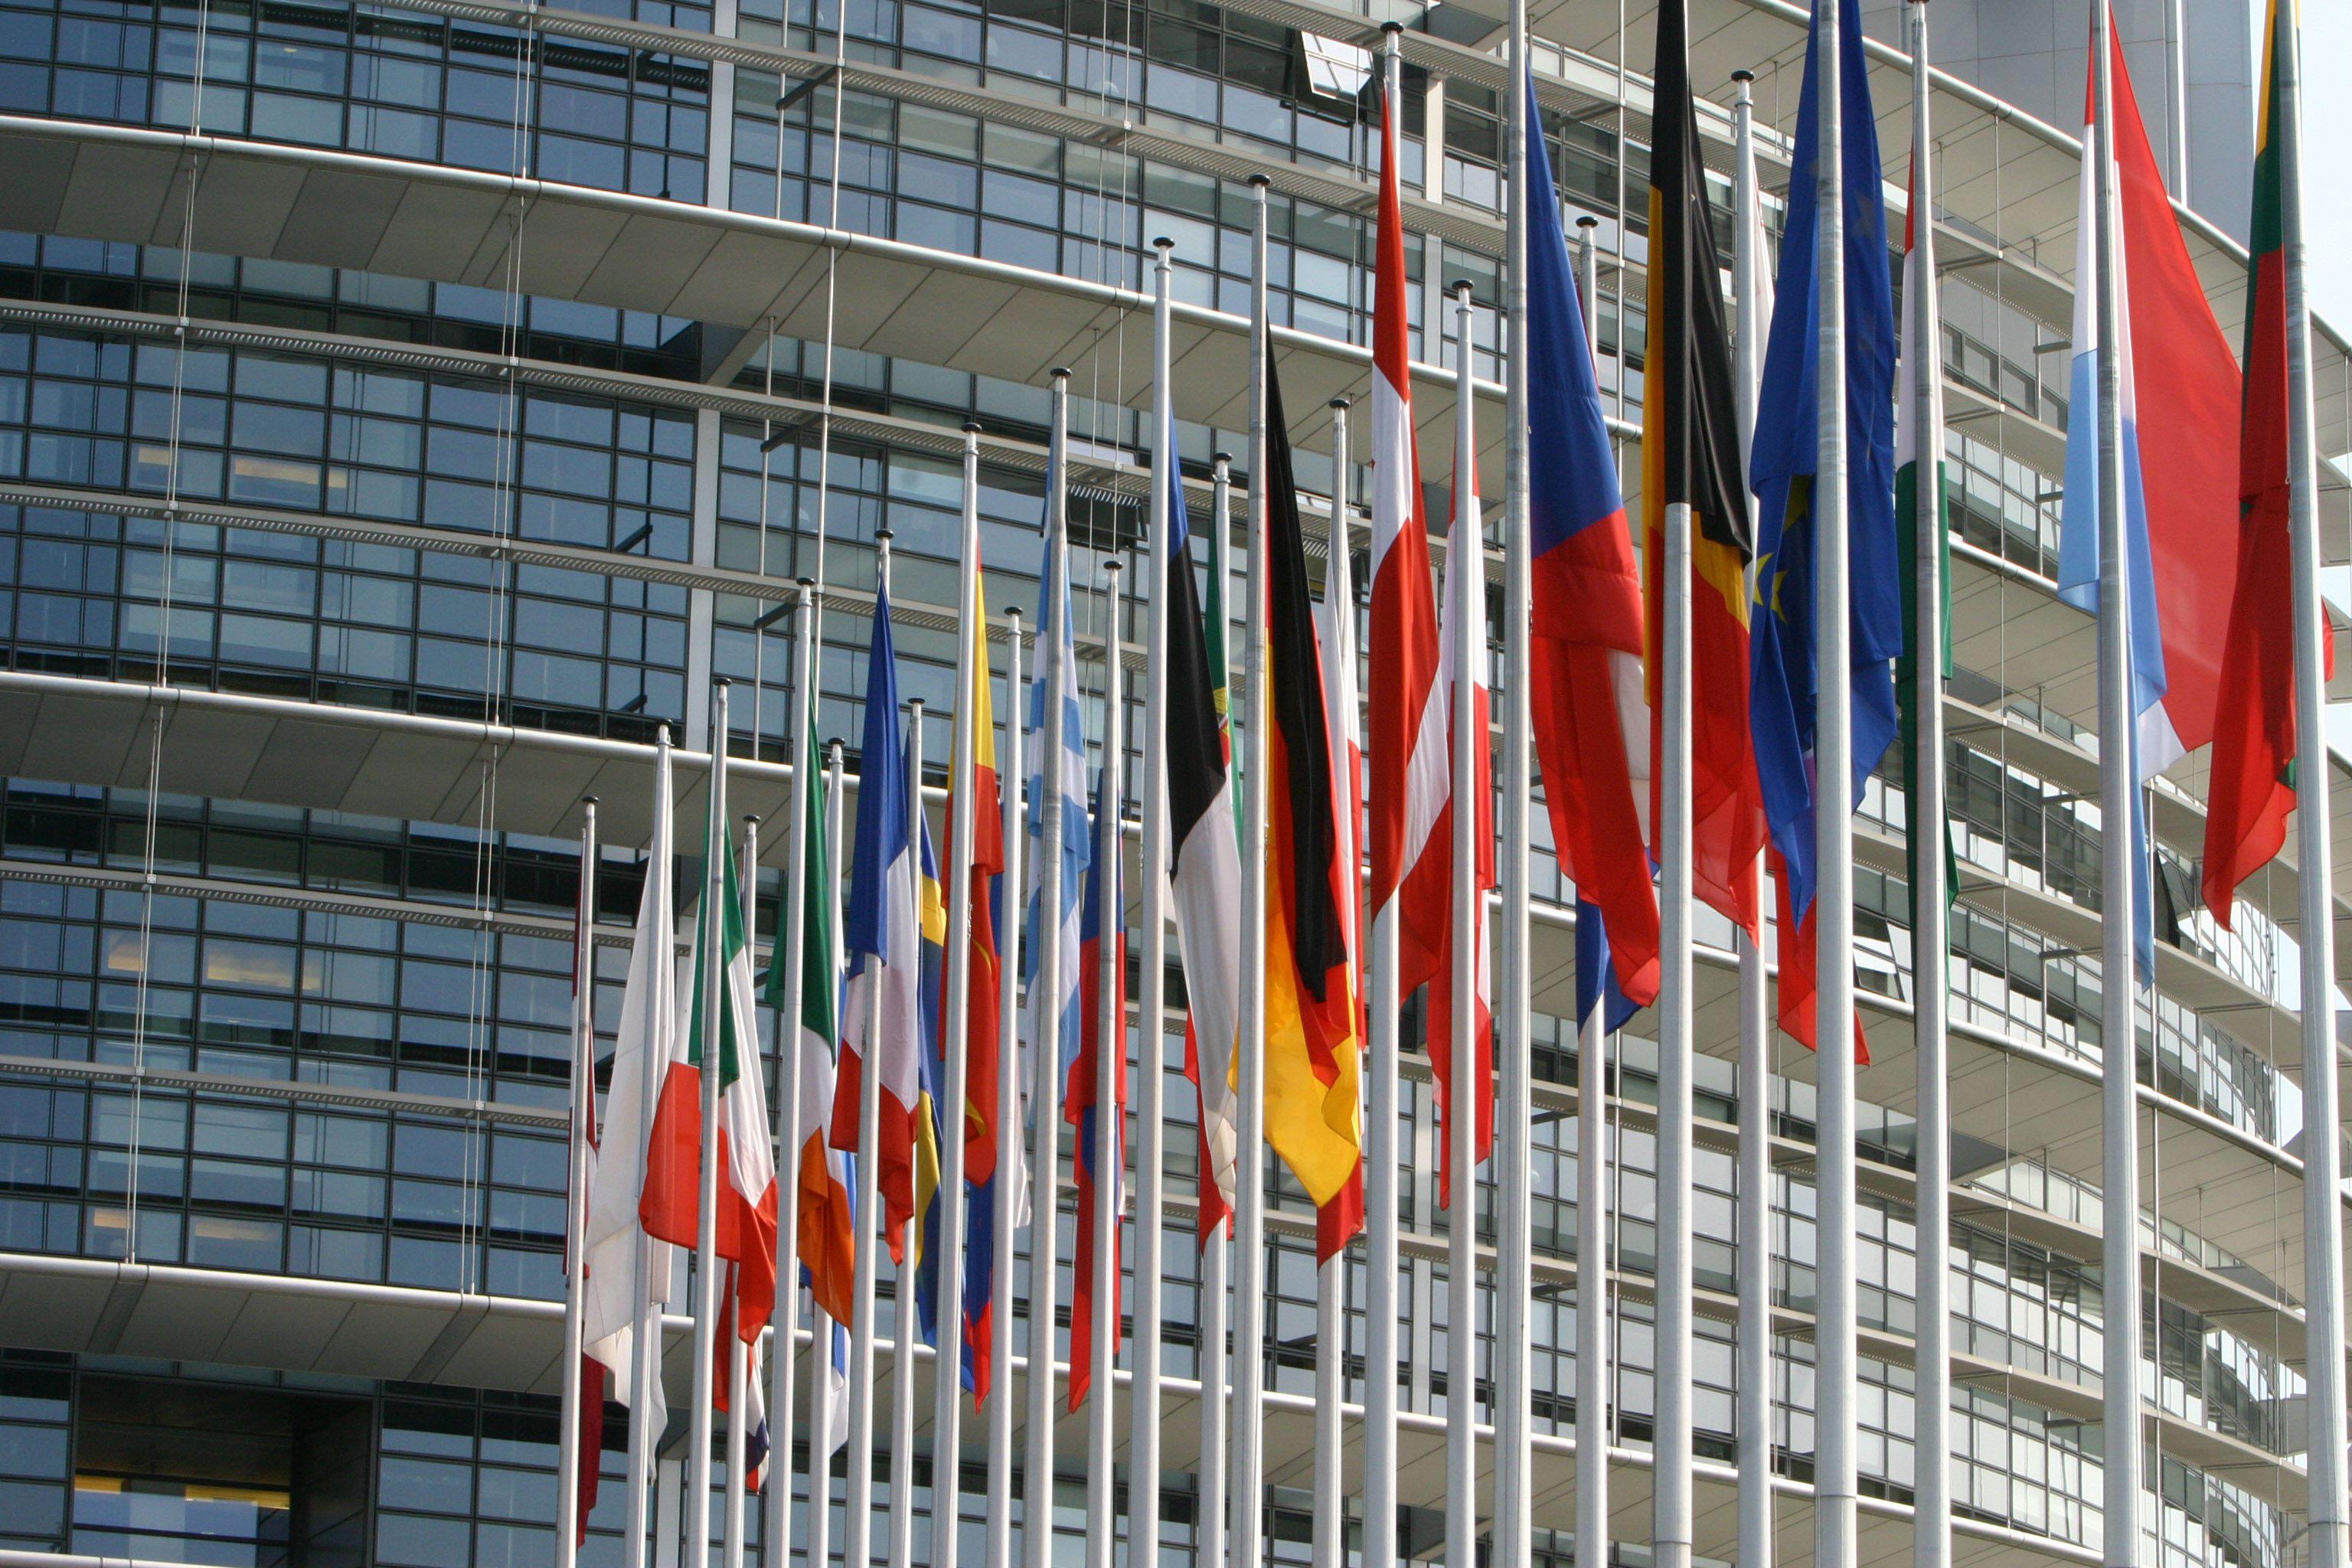 L'Europe renonce à la transparence dans la lutte contre la corruption